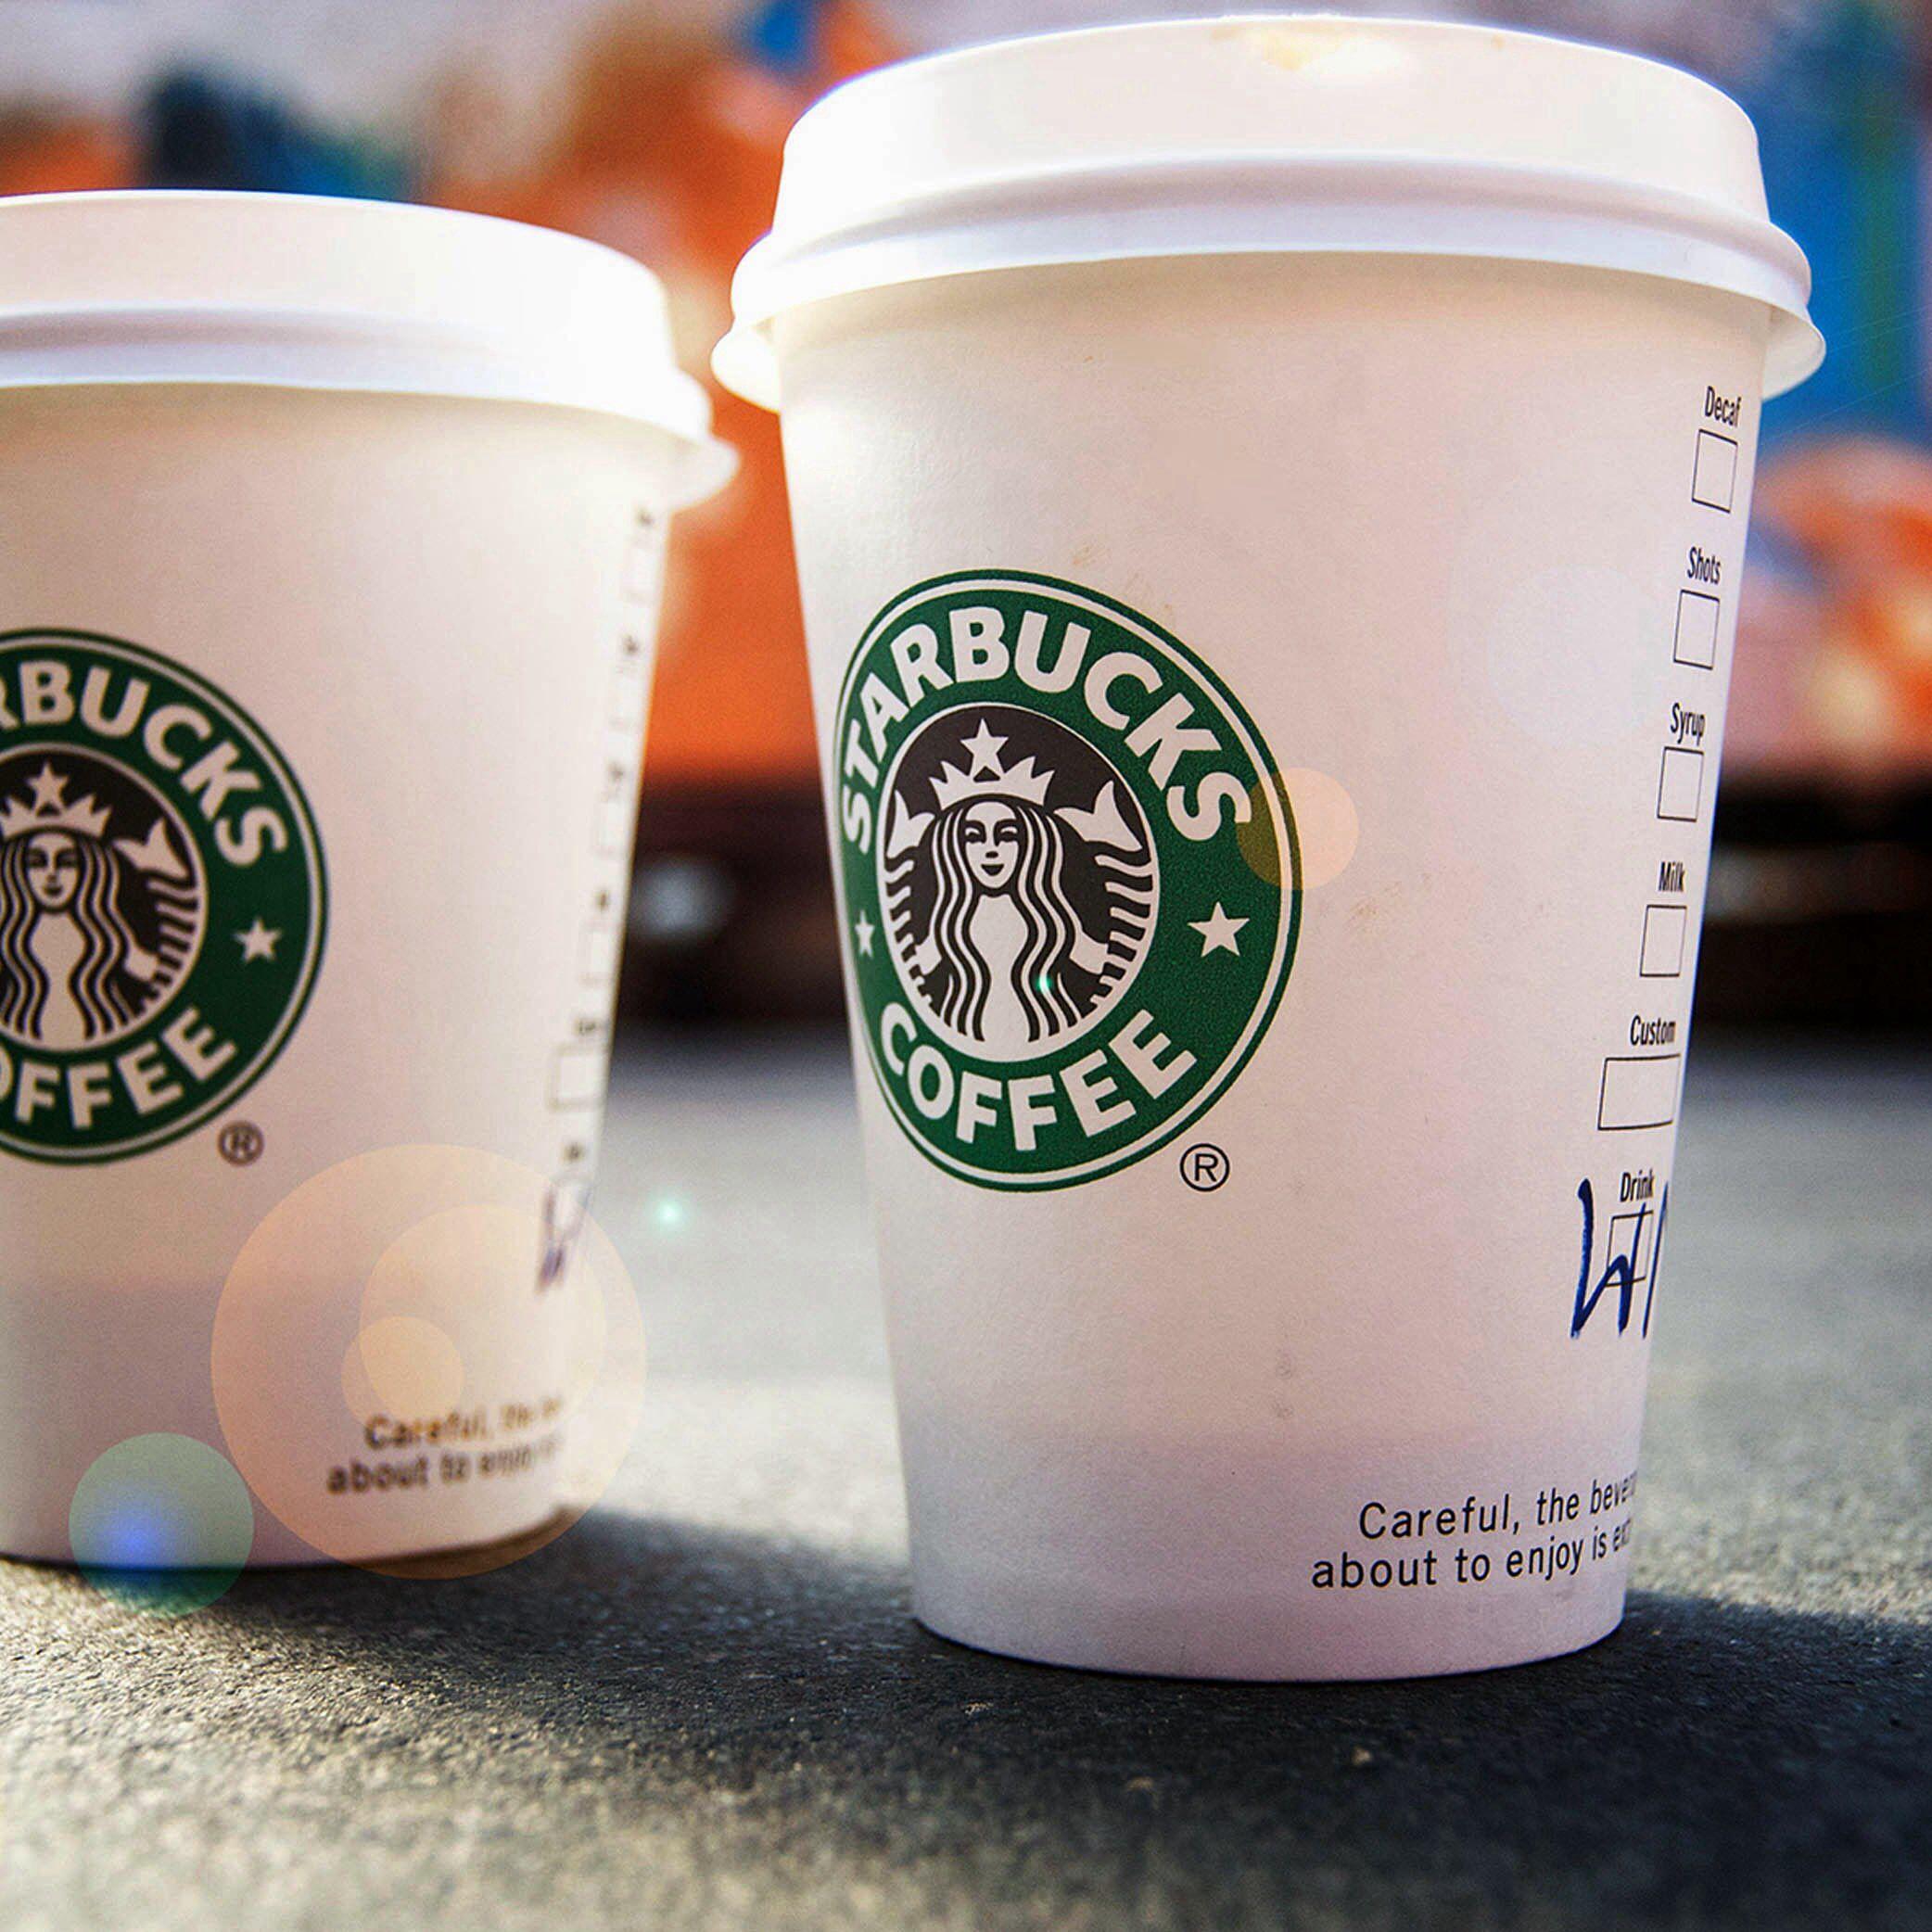 We Love Starbucks!